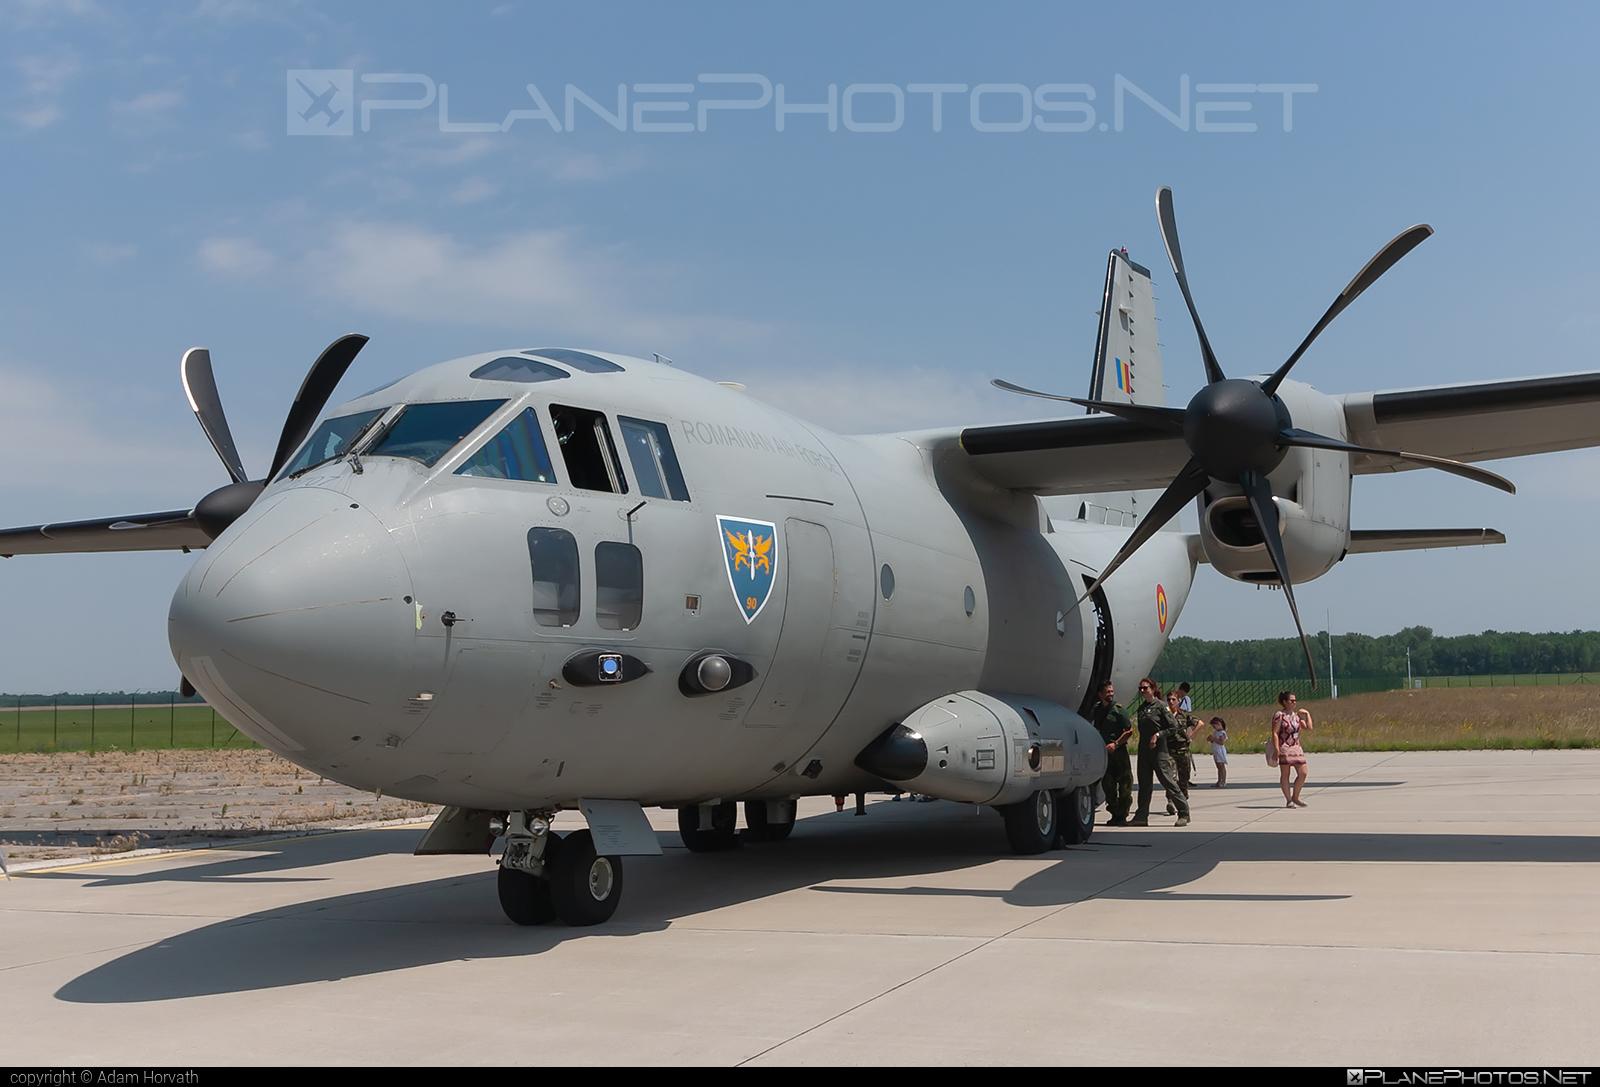 Alenia C-27J Spartan - 2707 operated by Forţele Aeriene Române (Romanian Air Force) #alenia #aleniac27j #aleniac27jspartan #aleniaspartan #c27j #c27jspartan #c27spartan #forteleaerieneromane #romanianairforce